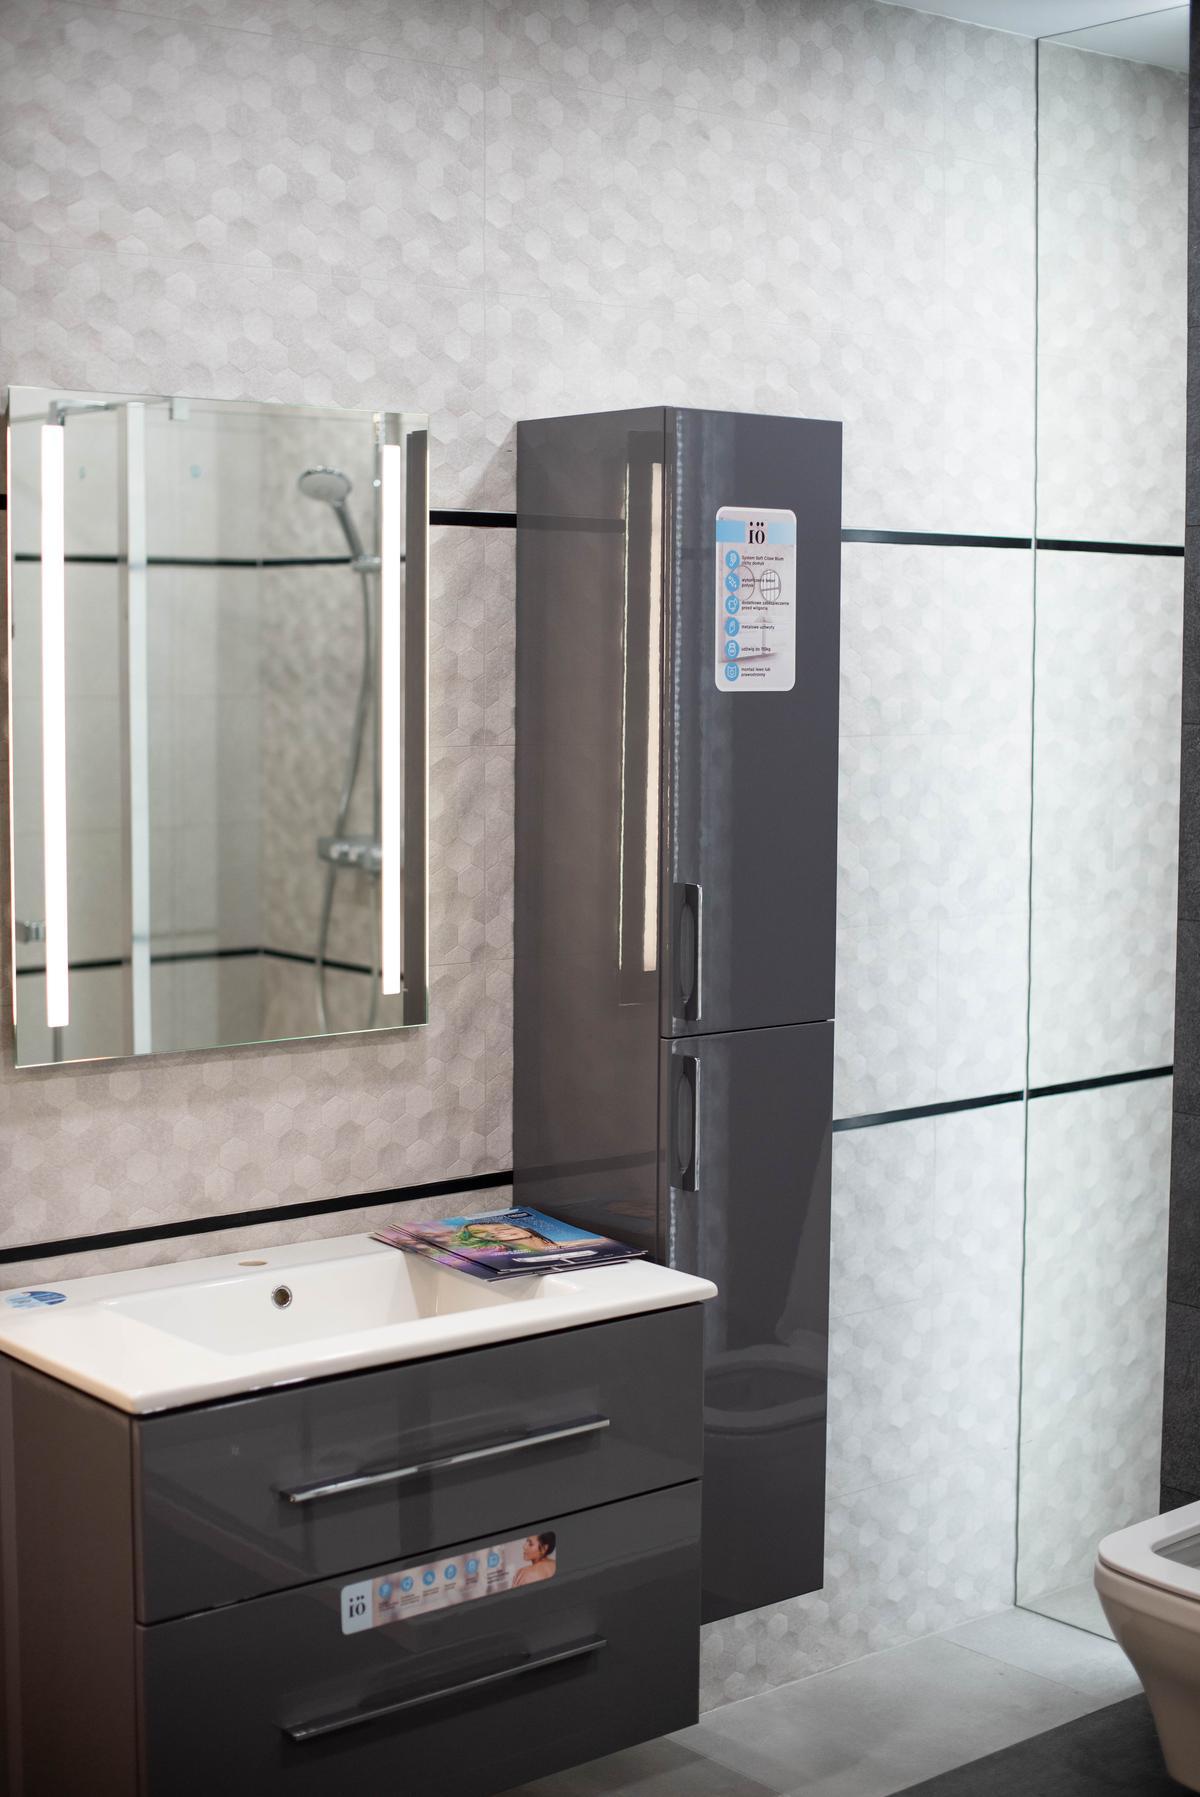 Meble łazienkowe IÖ w BLU Suwałki - zdjęcie od BLU salon łazienek Suwałki